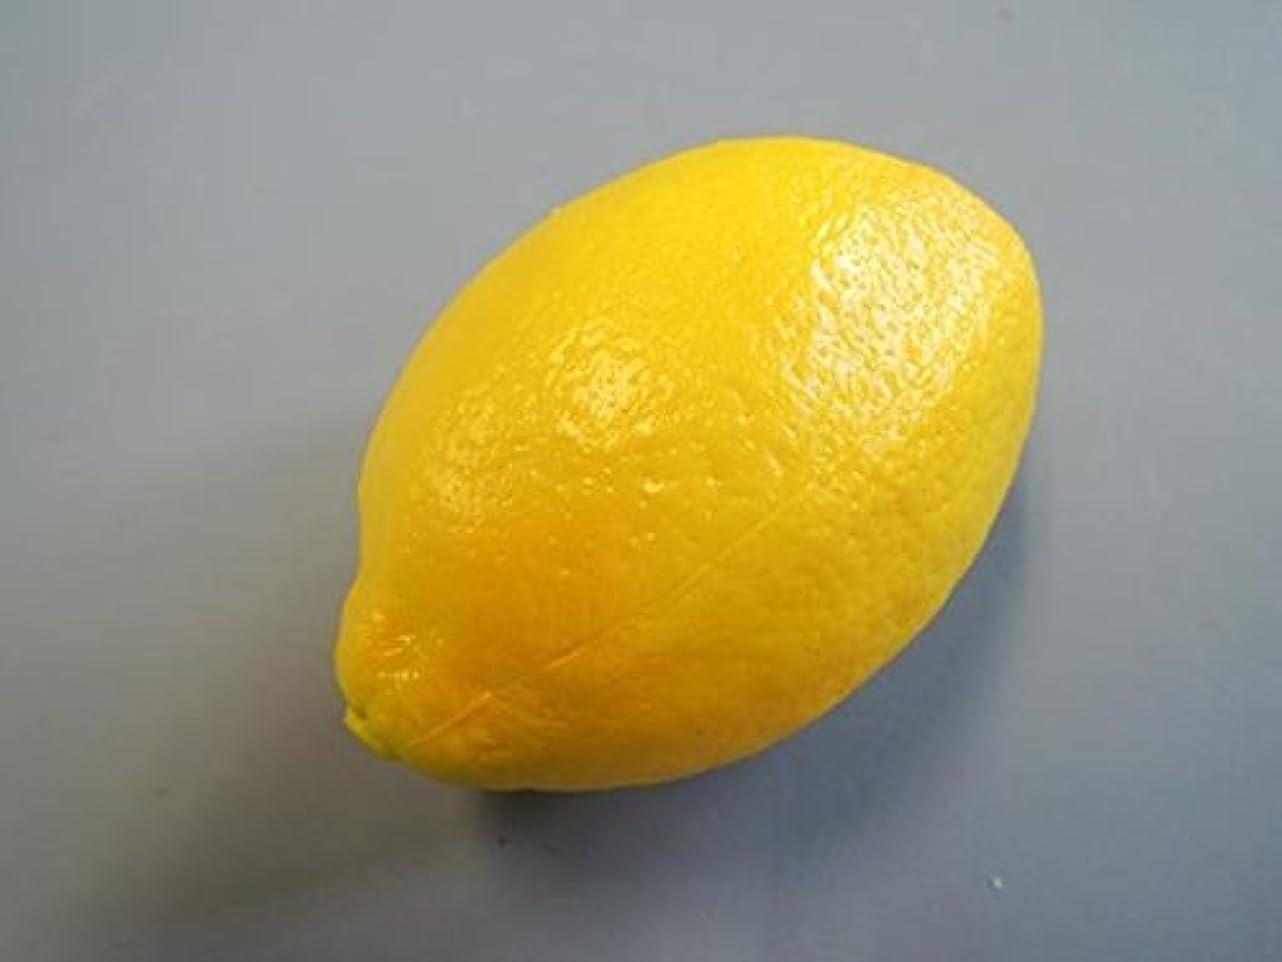 ガード参照わかる日本職人が作る 食品サンプル レモン IP-352